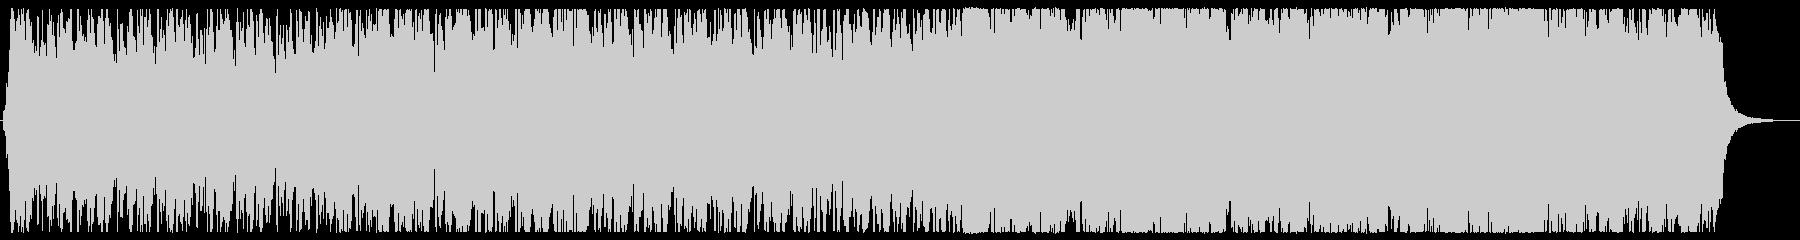 スターウォーズのような迫力あるサウンドの未再生の波形